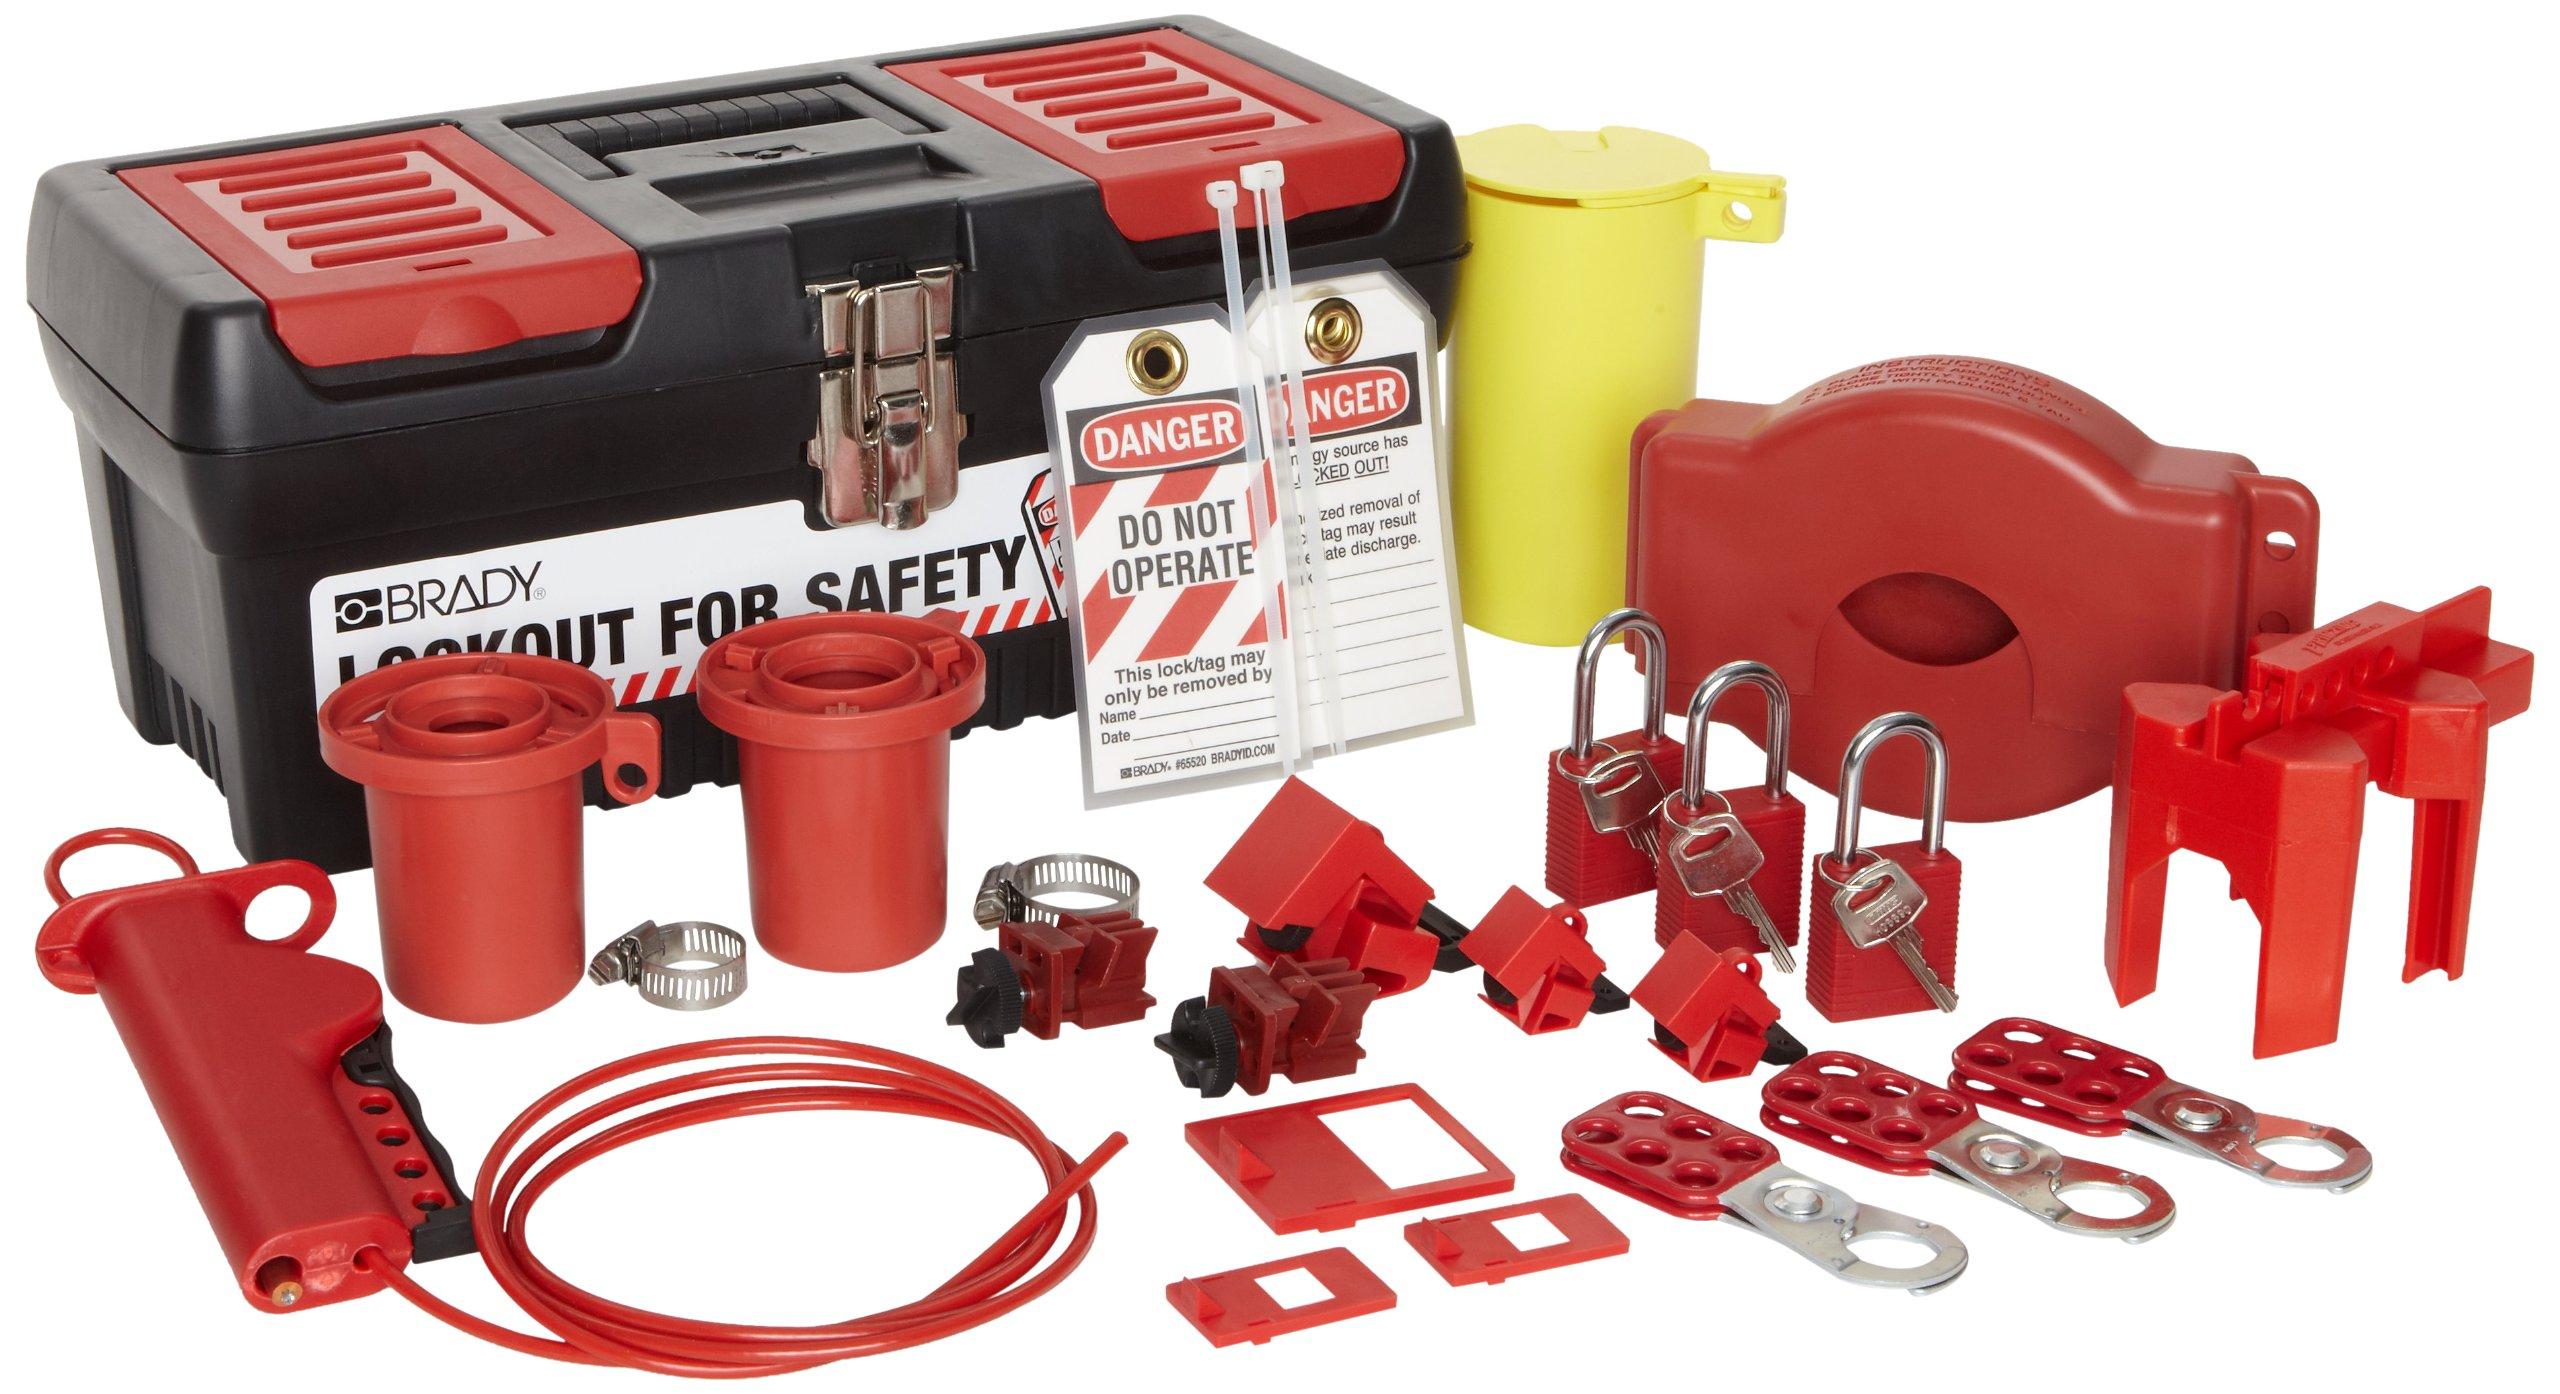 Brady Valve and Electrical Lockout Toolbox Kit, Includes 3 Safety Padlocks by Brady